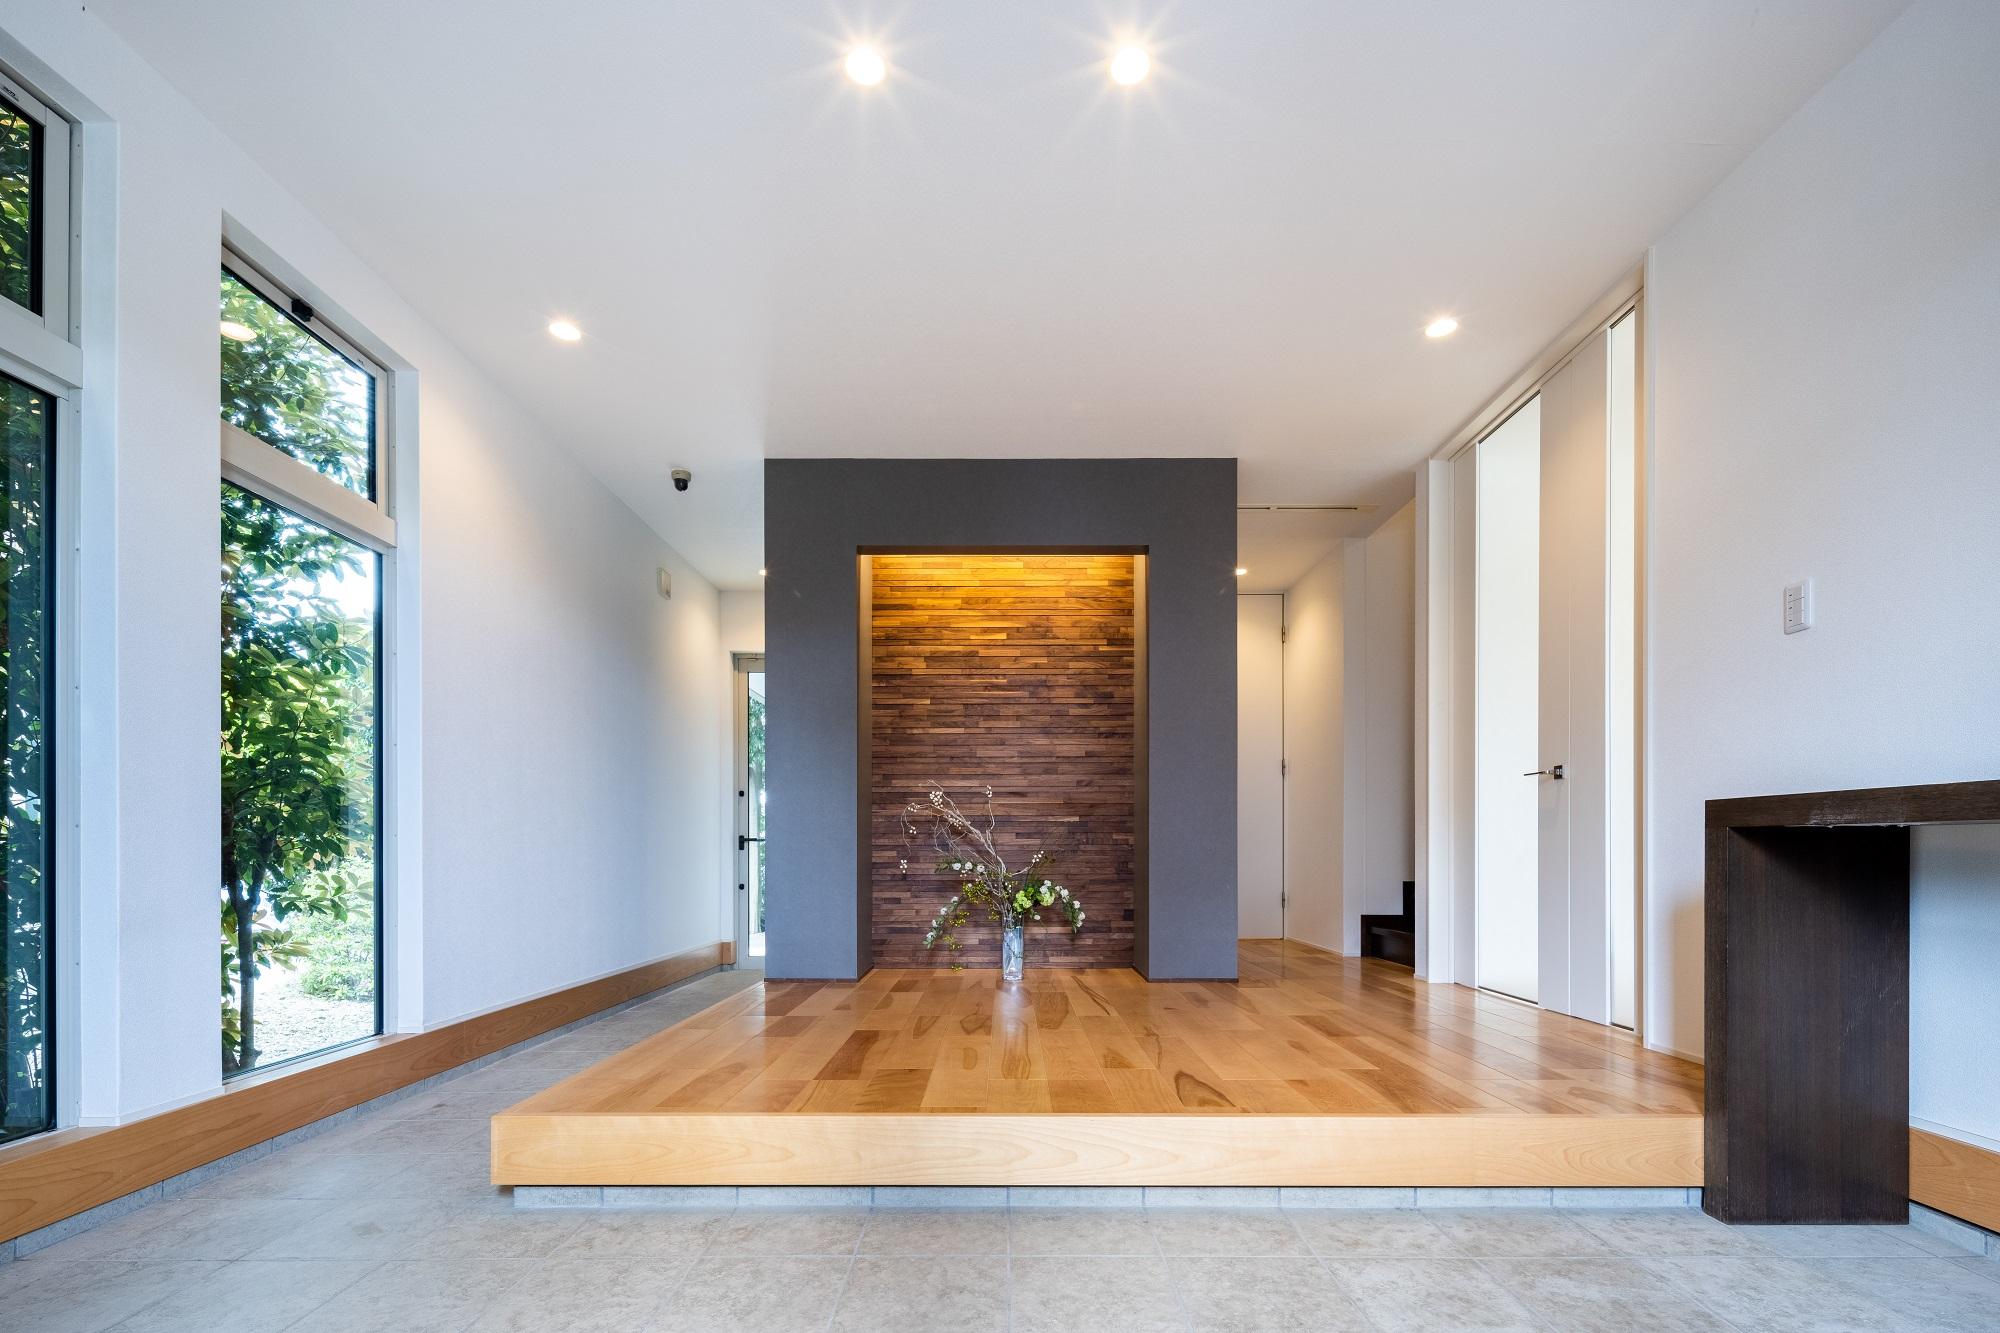 玄関ドアを開けると、木の温もりがあふれる玄関ホールが広がります。 裏側には収納スペースが設けてあり、ホールはすっきり綺麗に使うことができます。